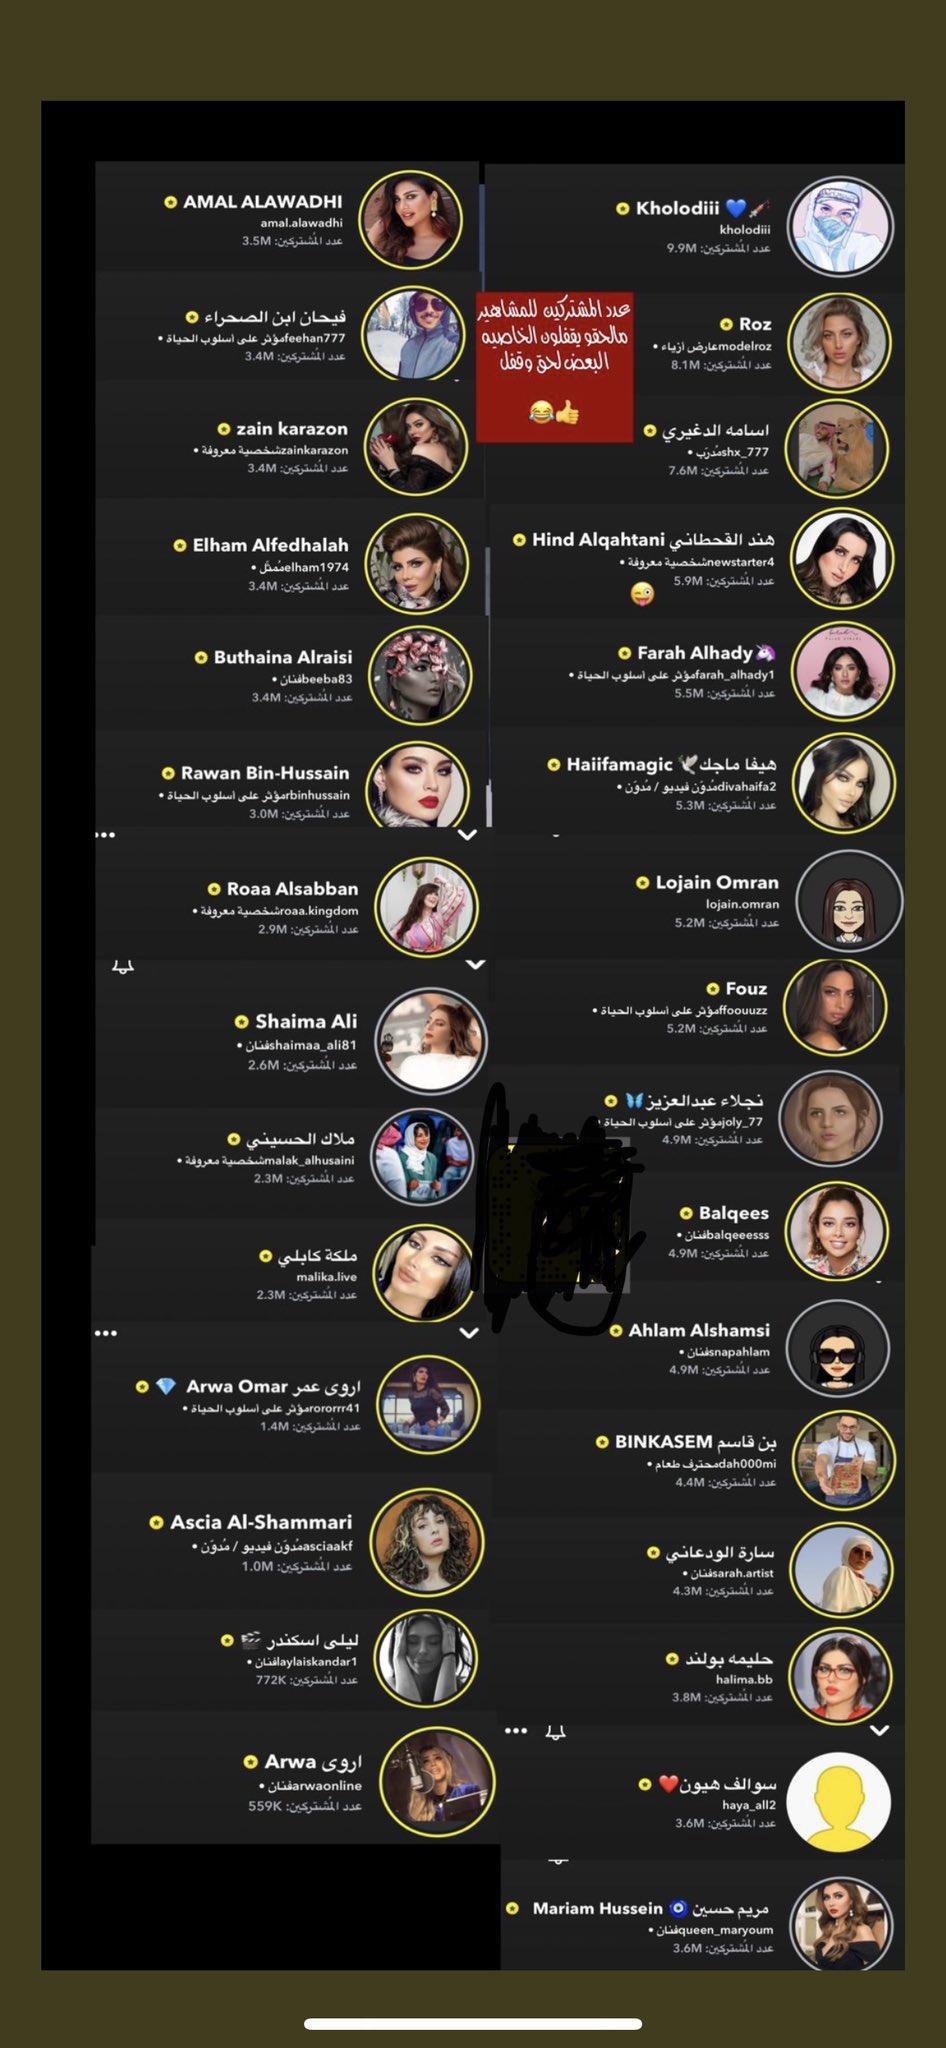 سنابات بنات فله Supporprojects Twitter 8